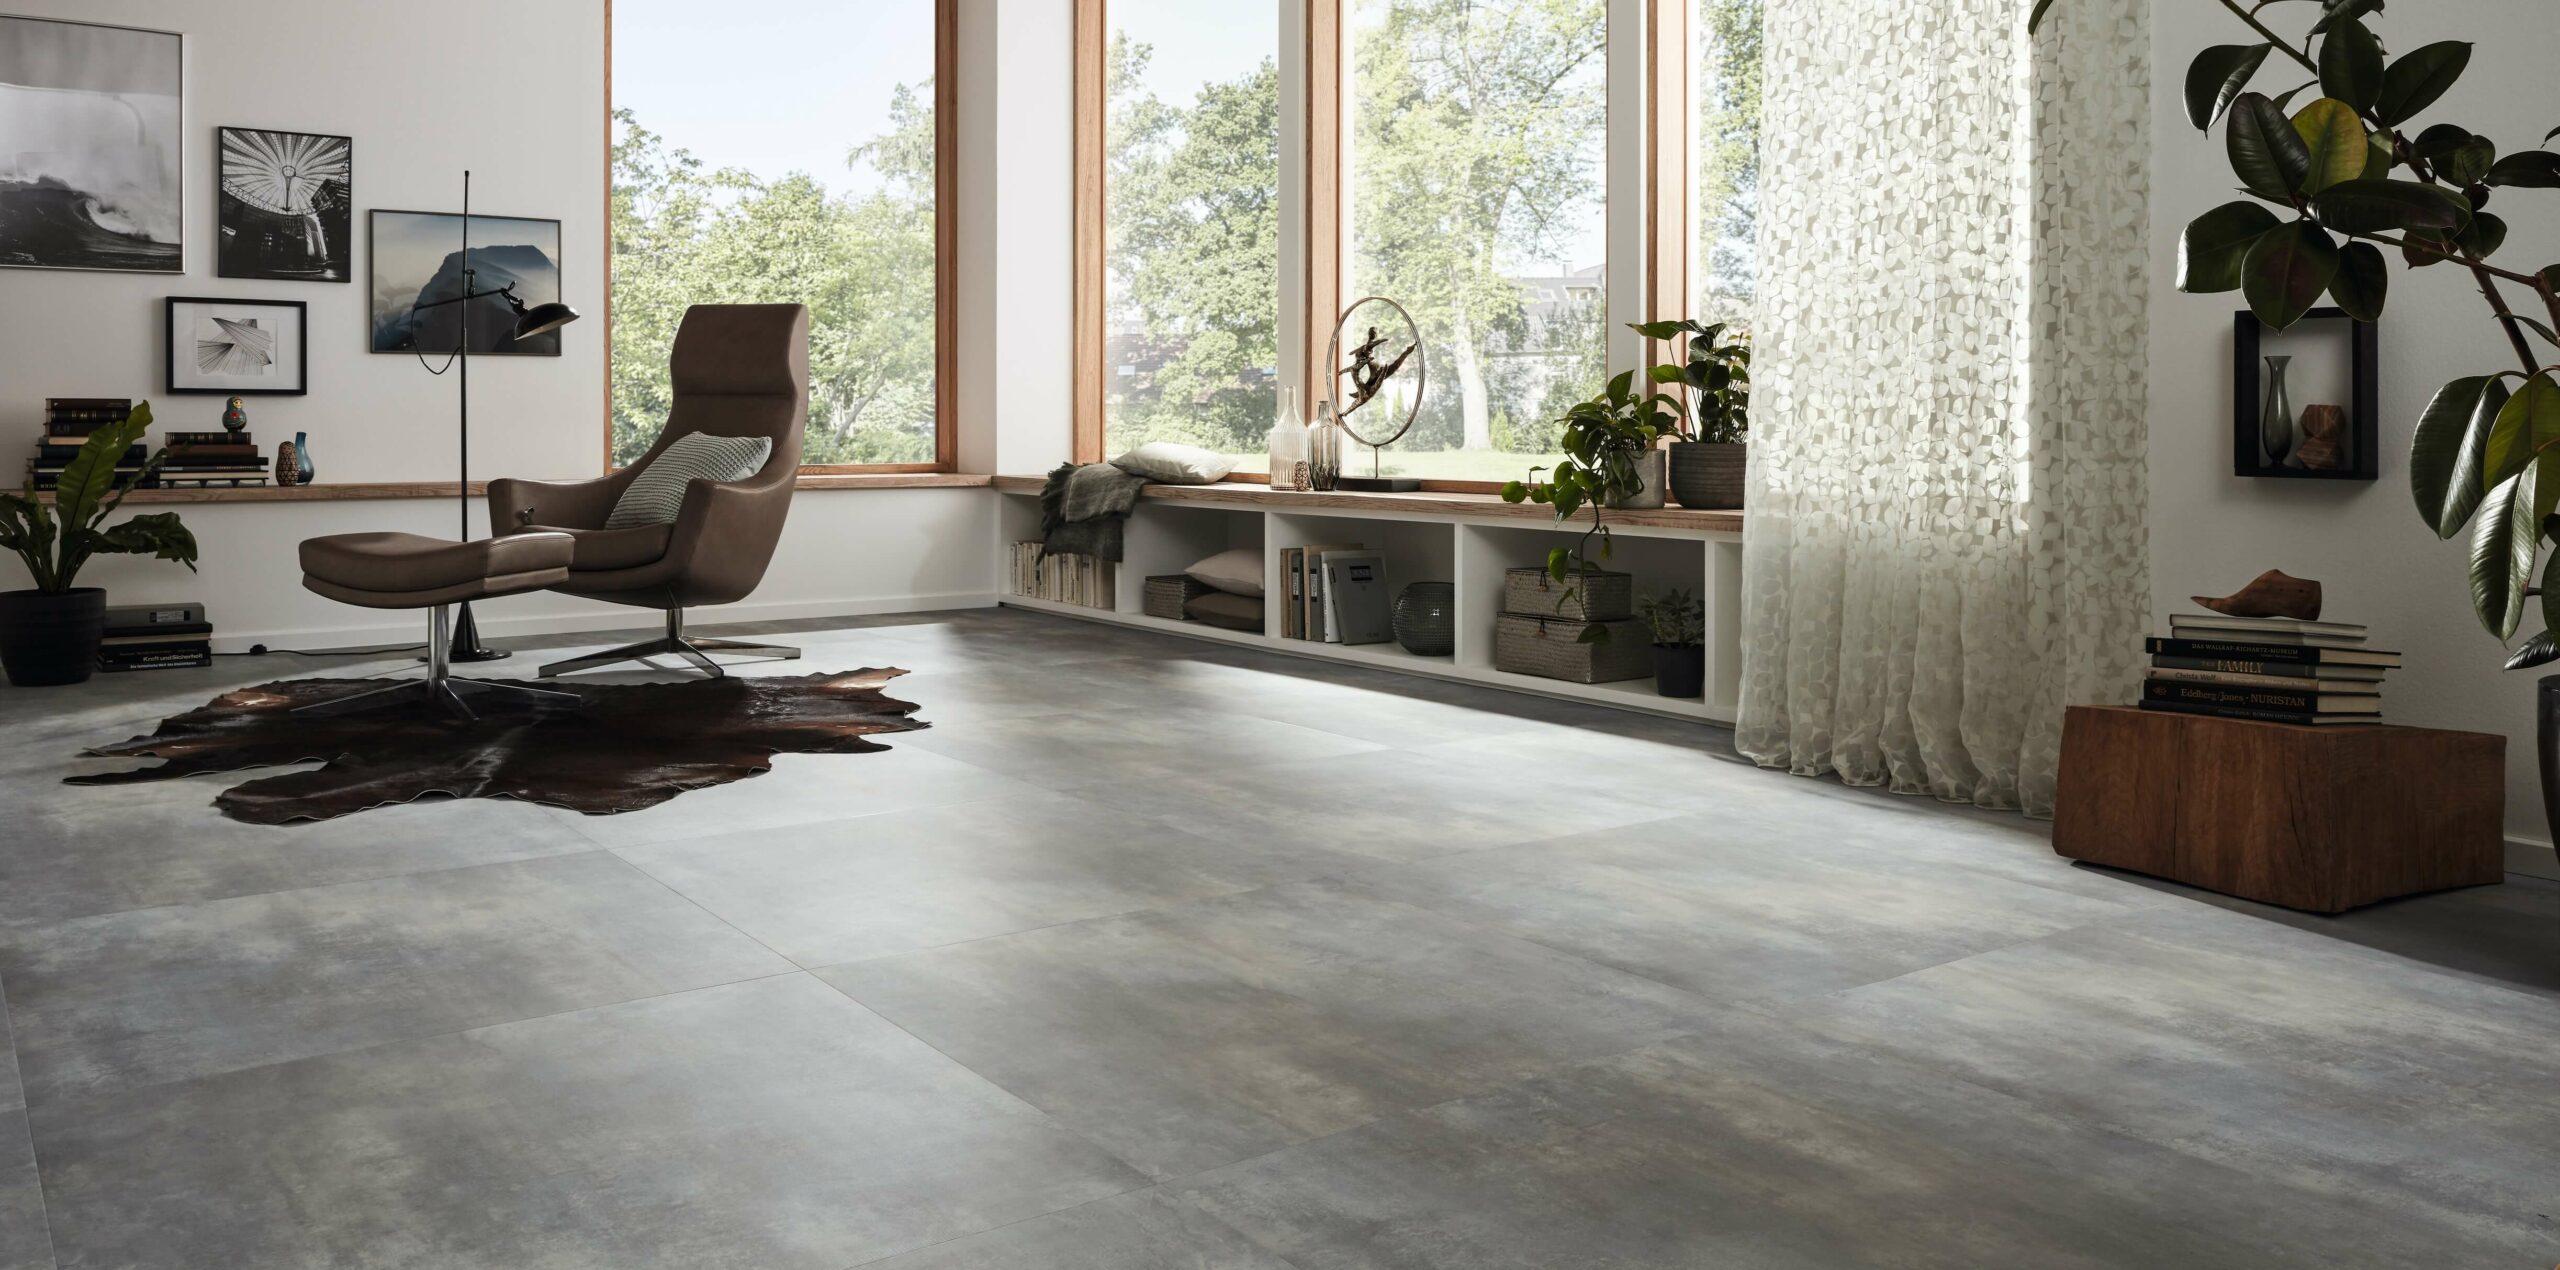 Jaké jsou podlahové trendy roku 2021?